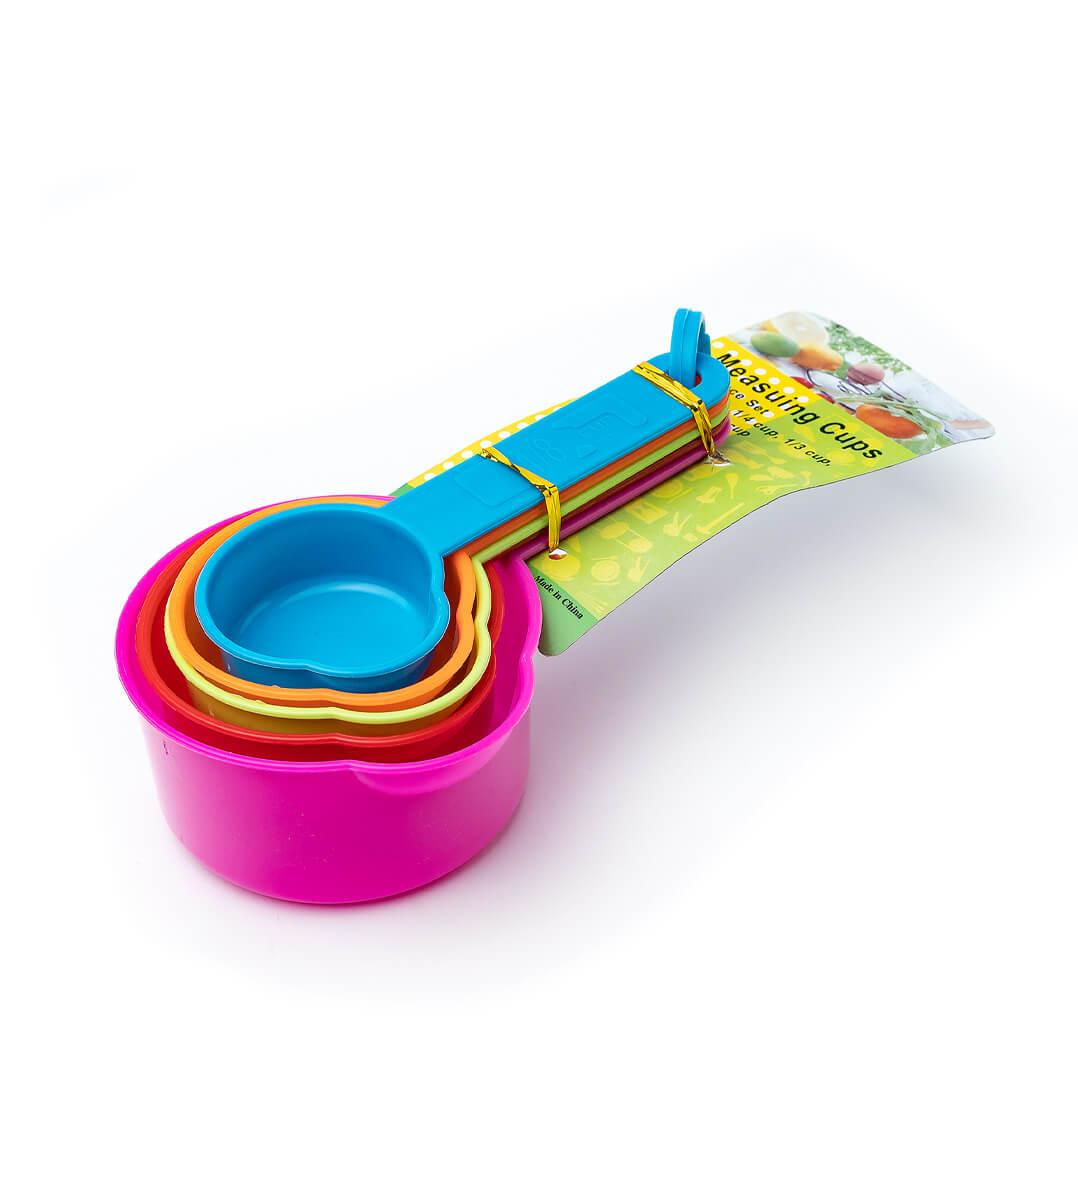 Мерка-ковшик пластик набор 5шт с